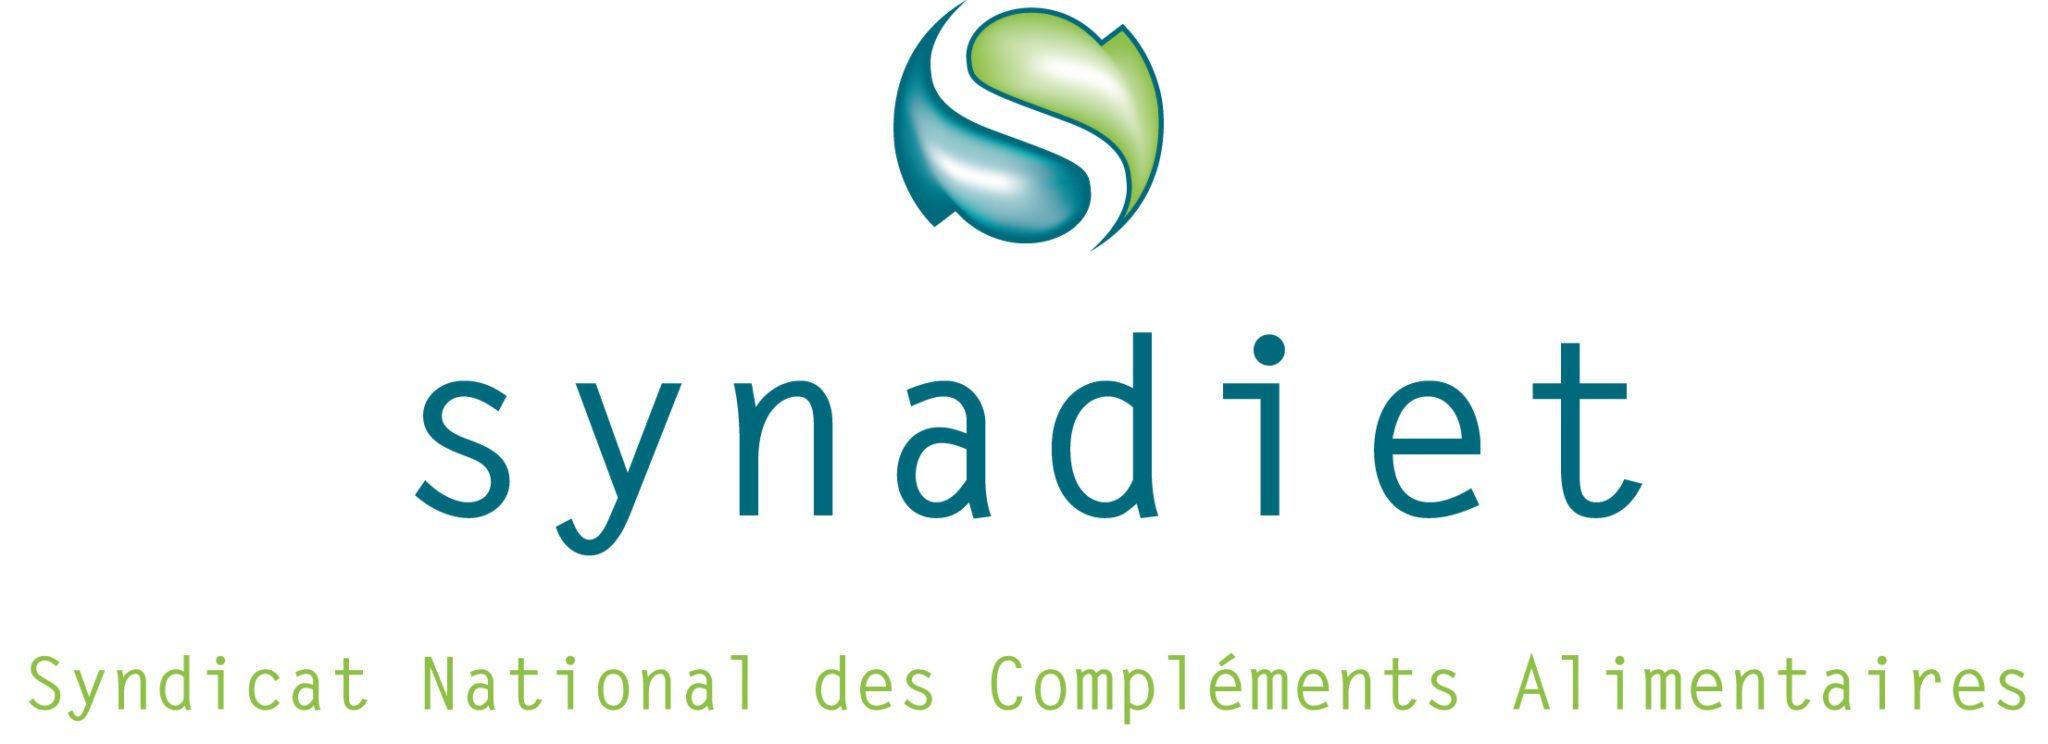 logo Synadiet